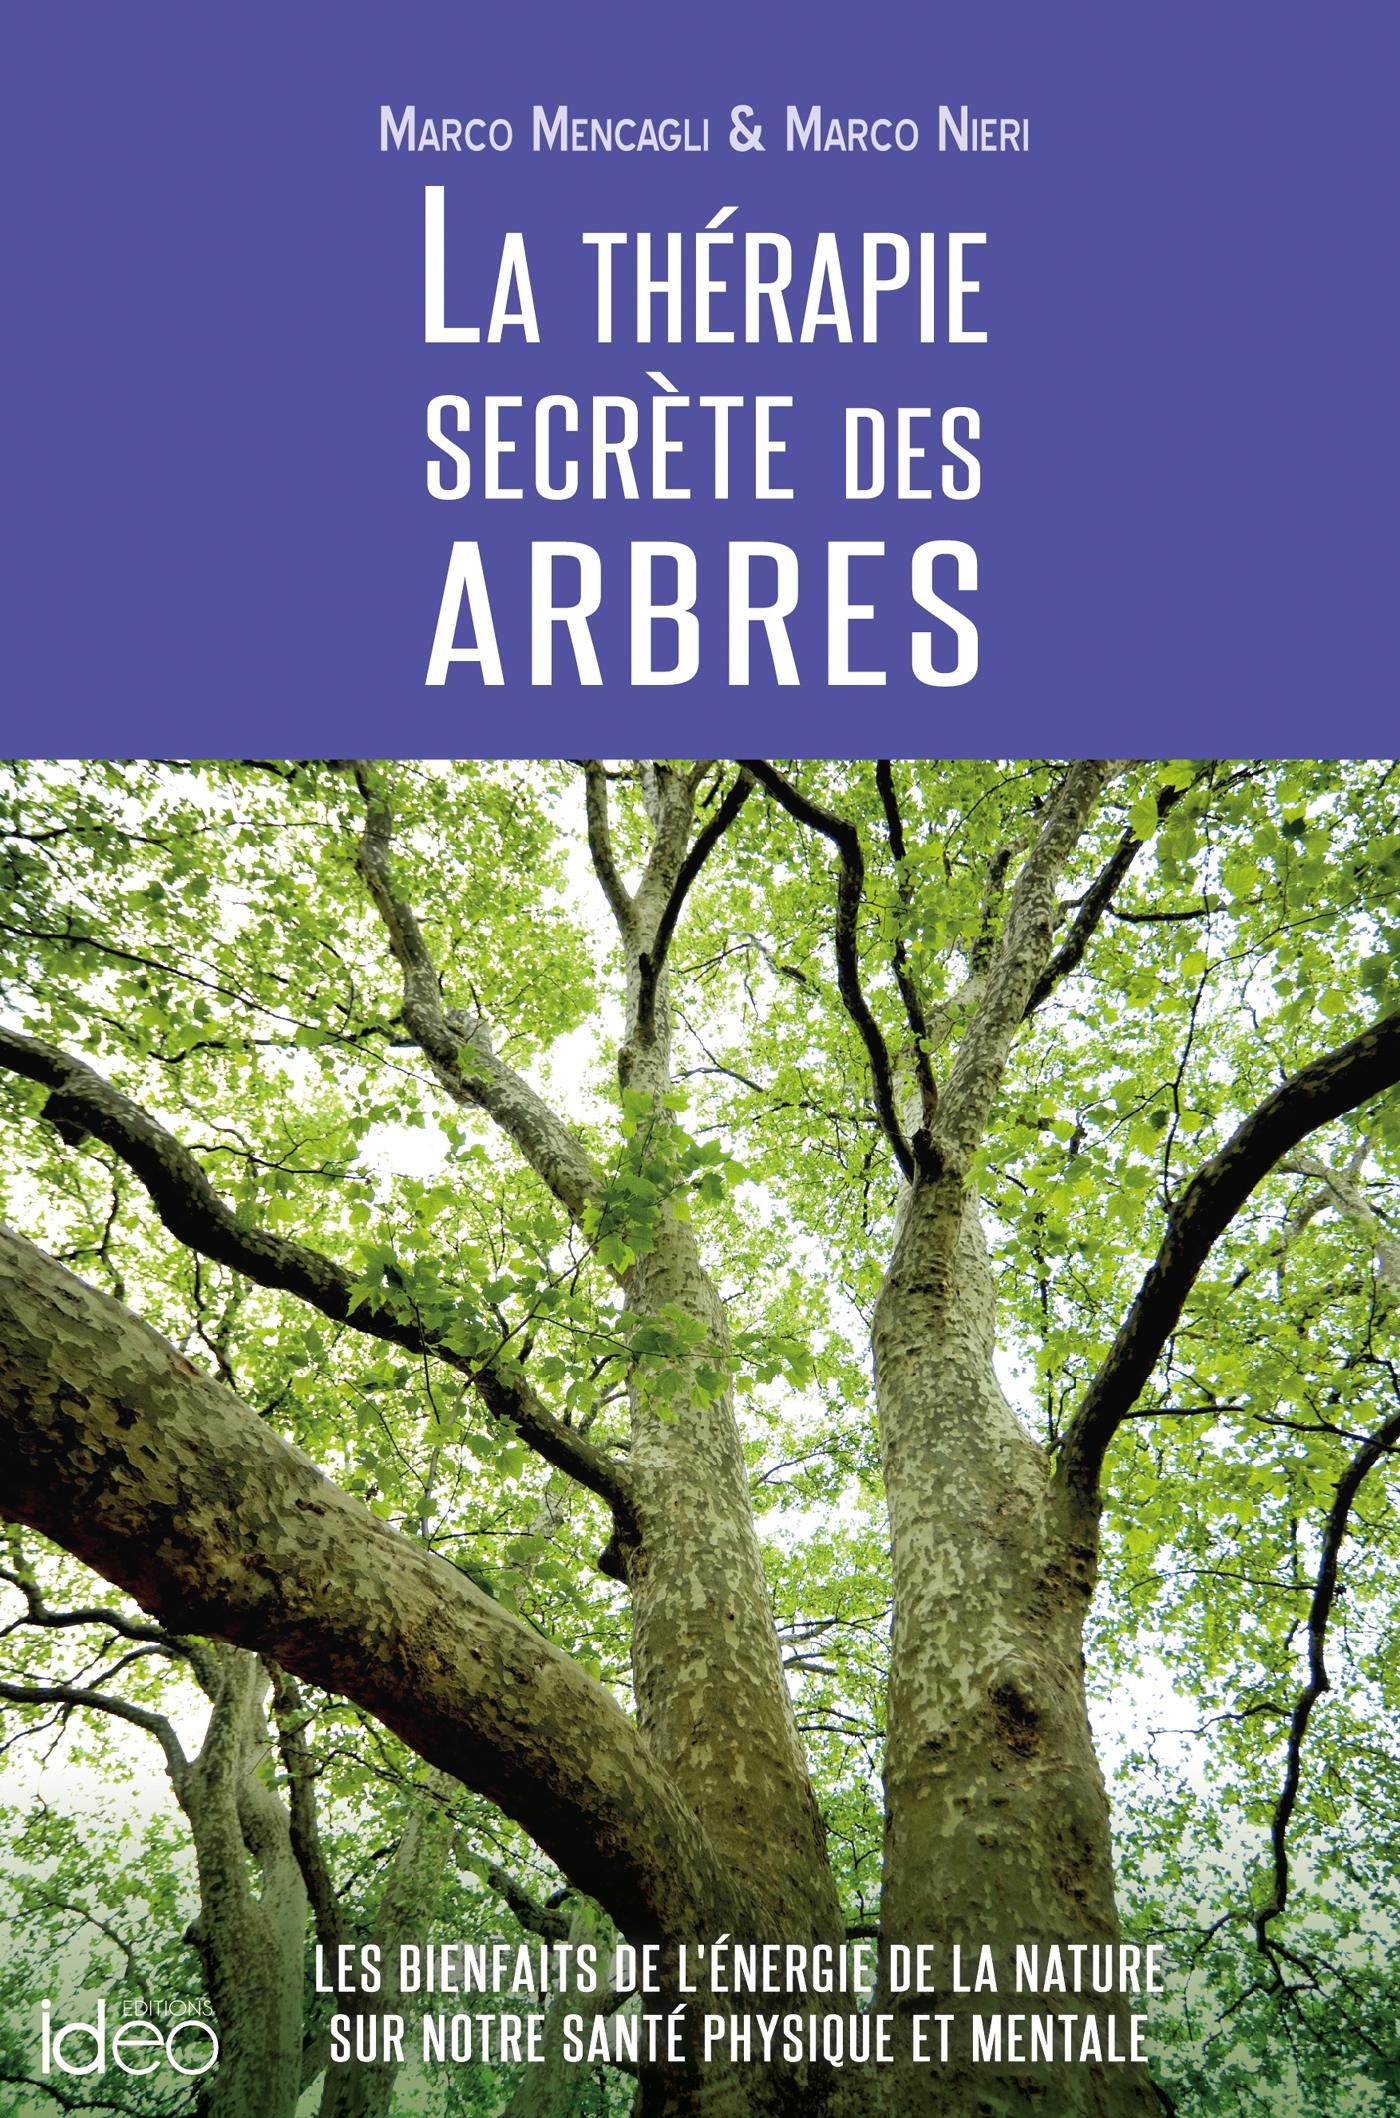 LA THERAPIE SECRETE DES ARBRES